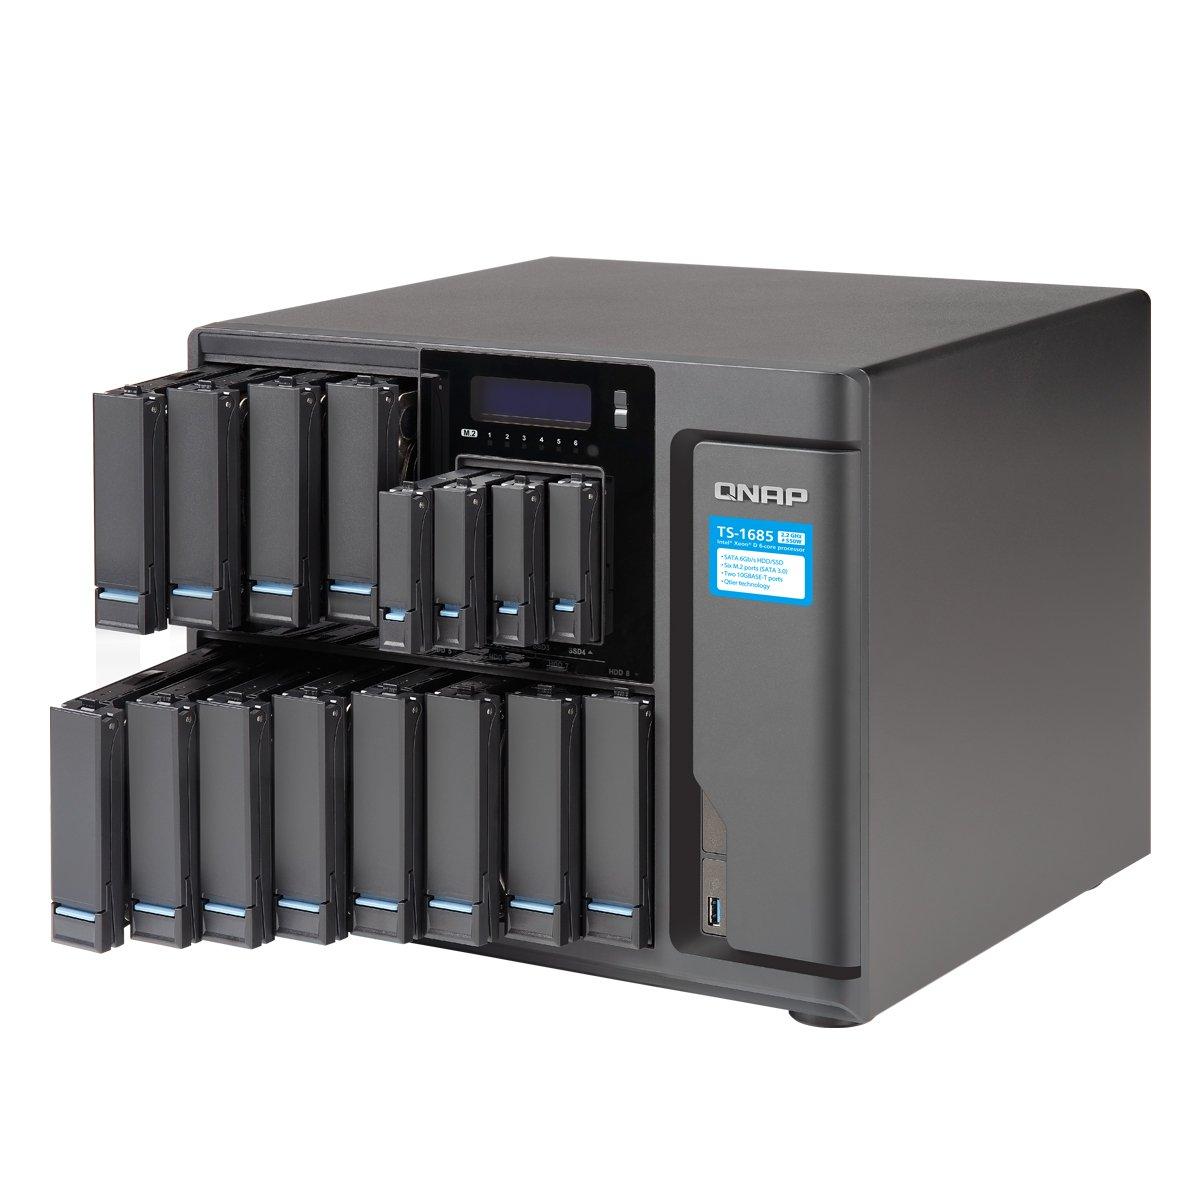 Qnap TS-1685-D1521-16G-US 16 Bay High-Capacity 10GbE iSCSI NAS by QNAP (Image #2)